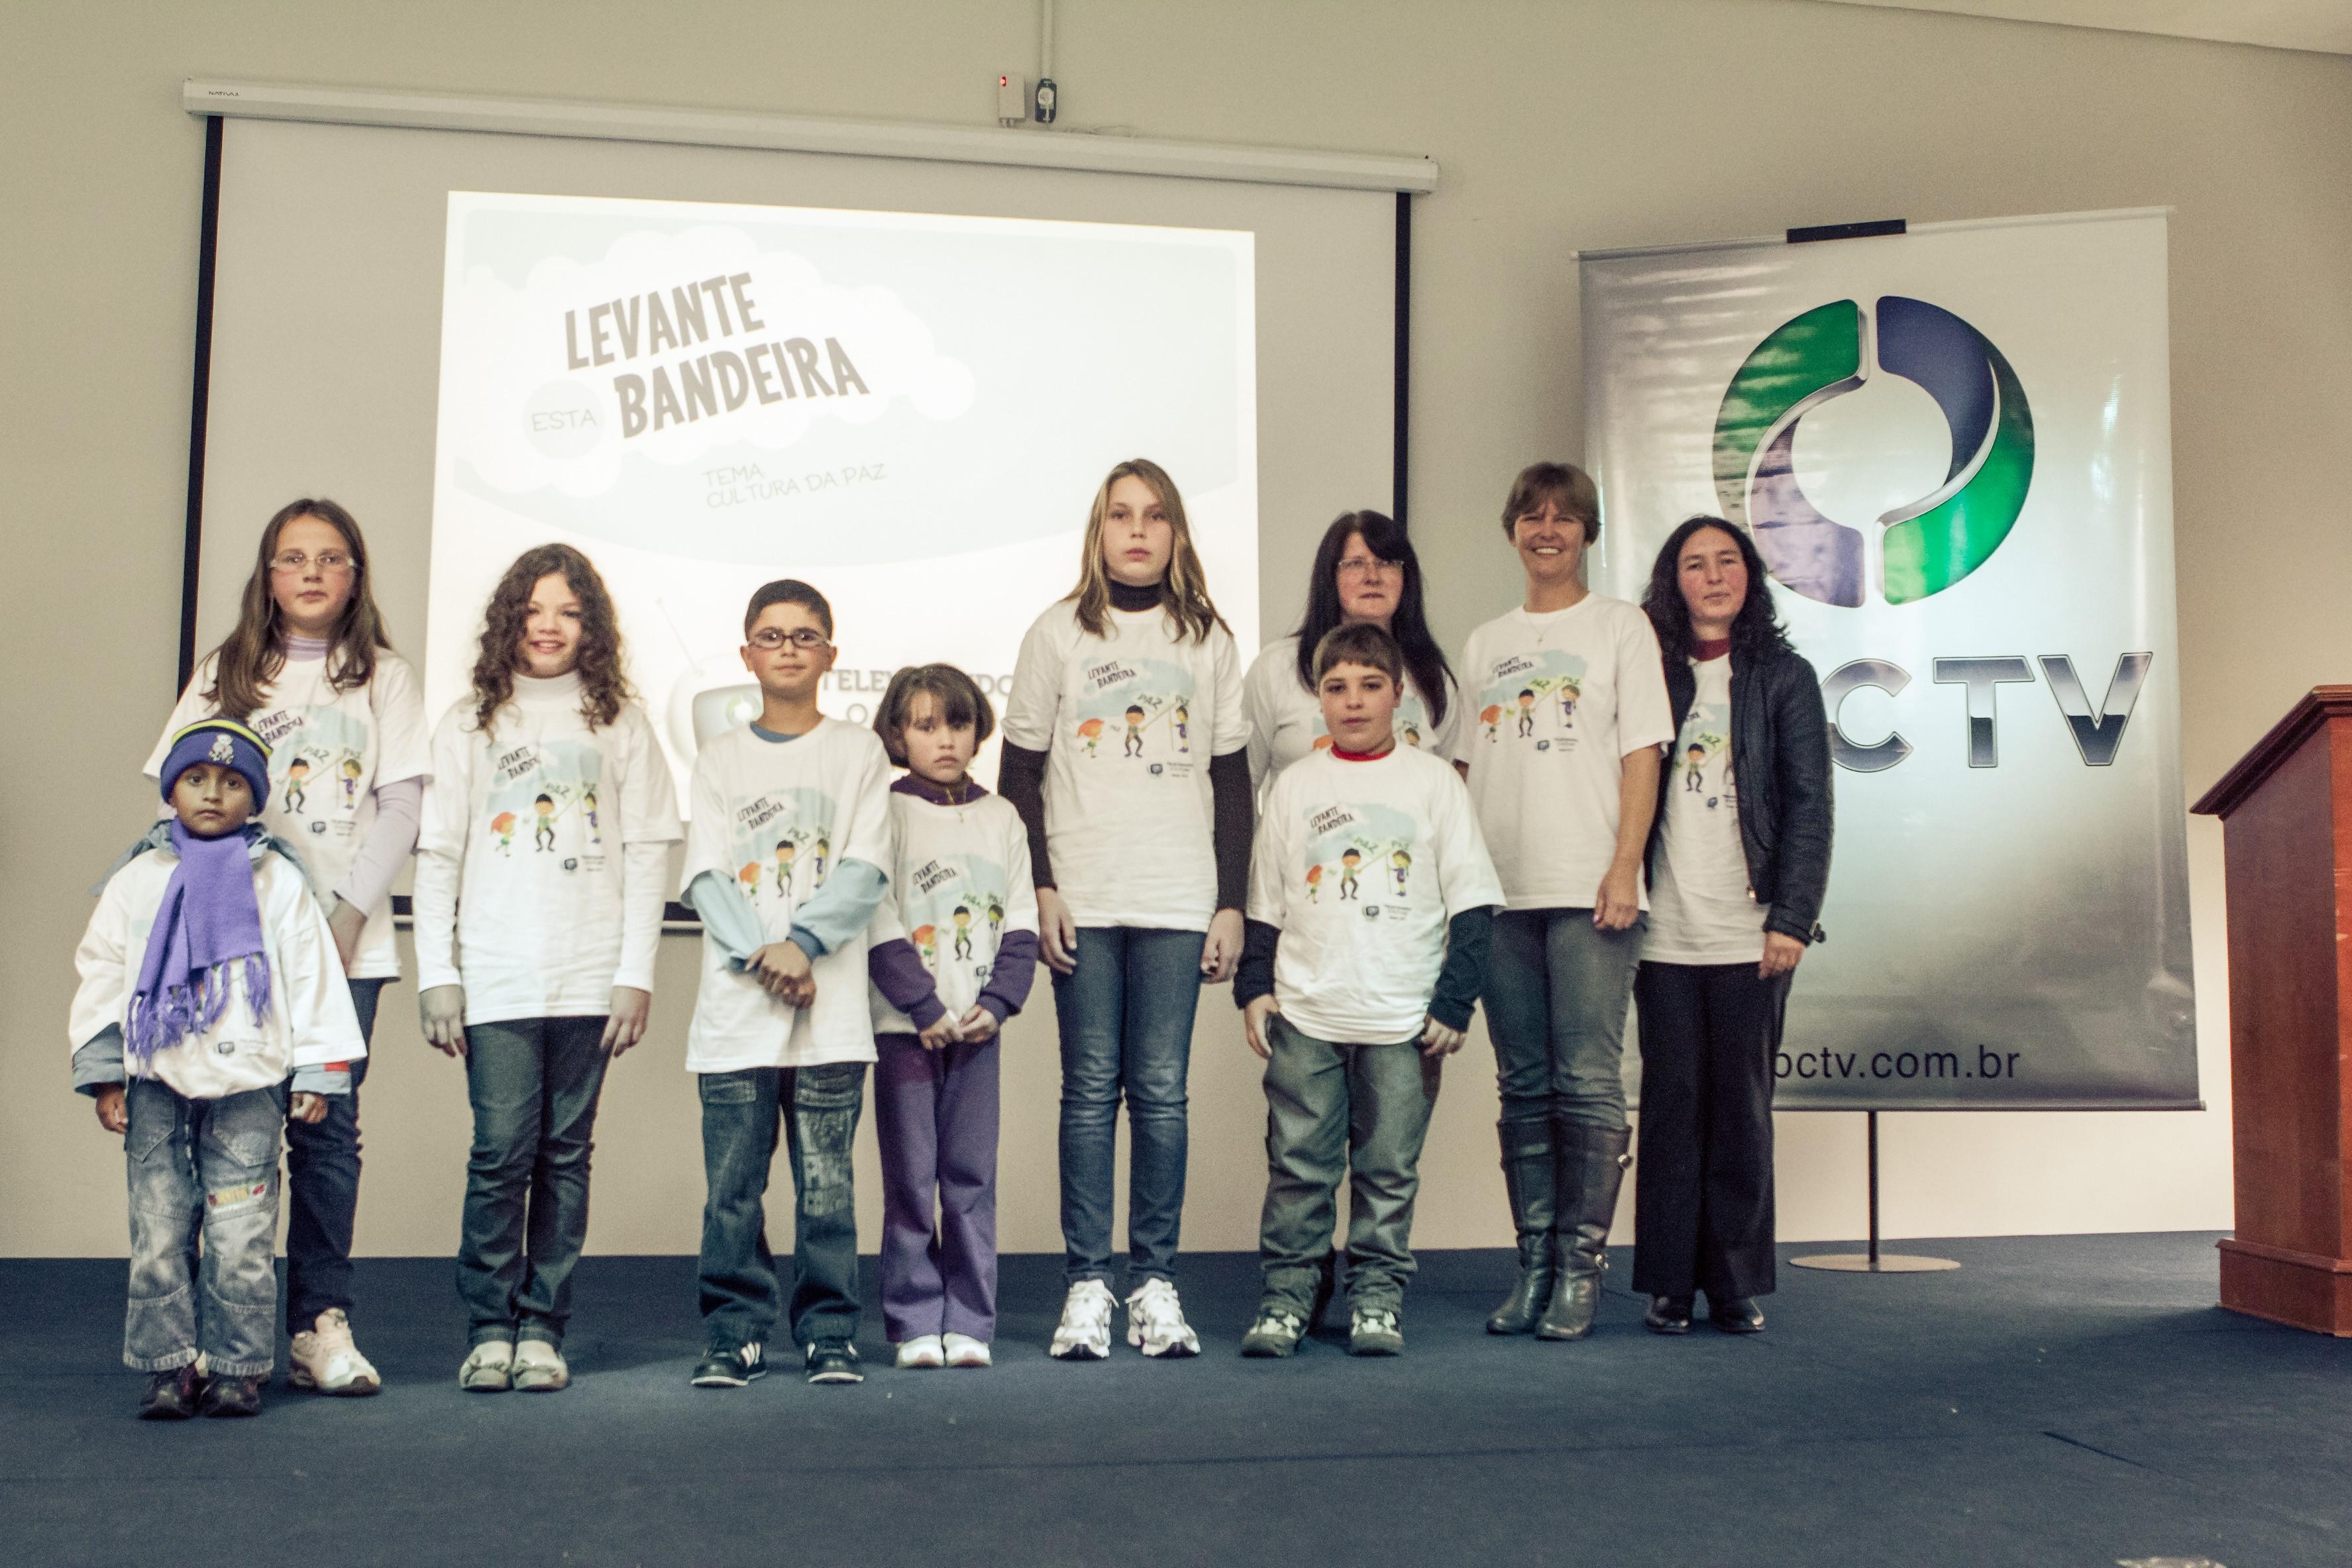 Concurso Cultural do Televisando o Futuro: Premiação dos trabalhos da Regional Guarapuava (Foto: Luciano Meireles / RPC TV)